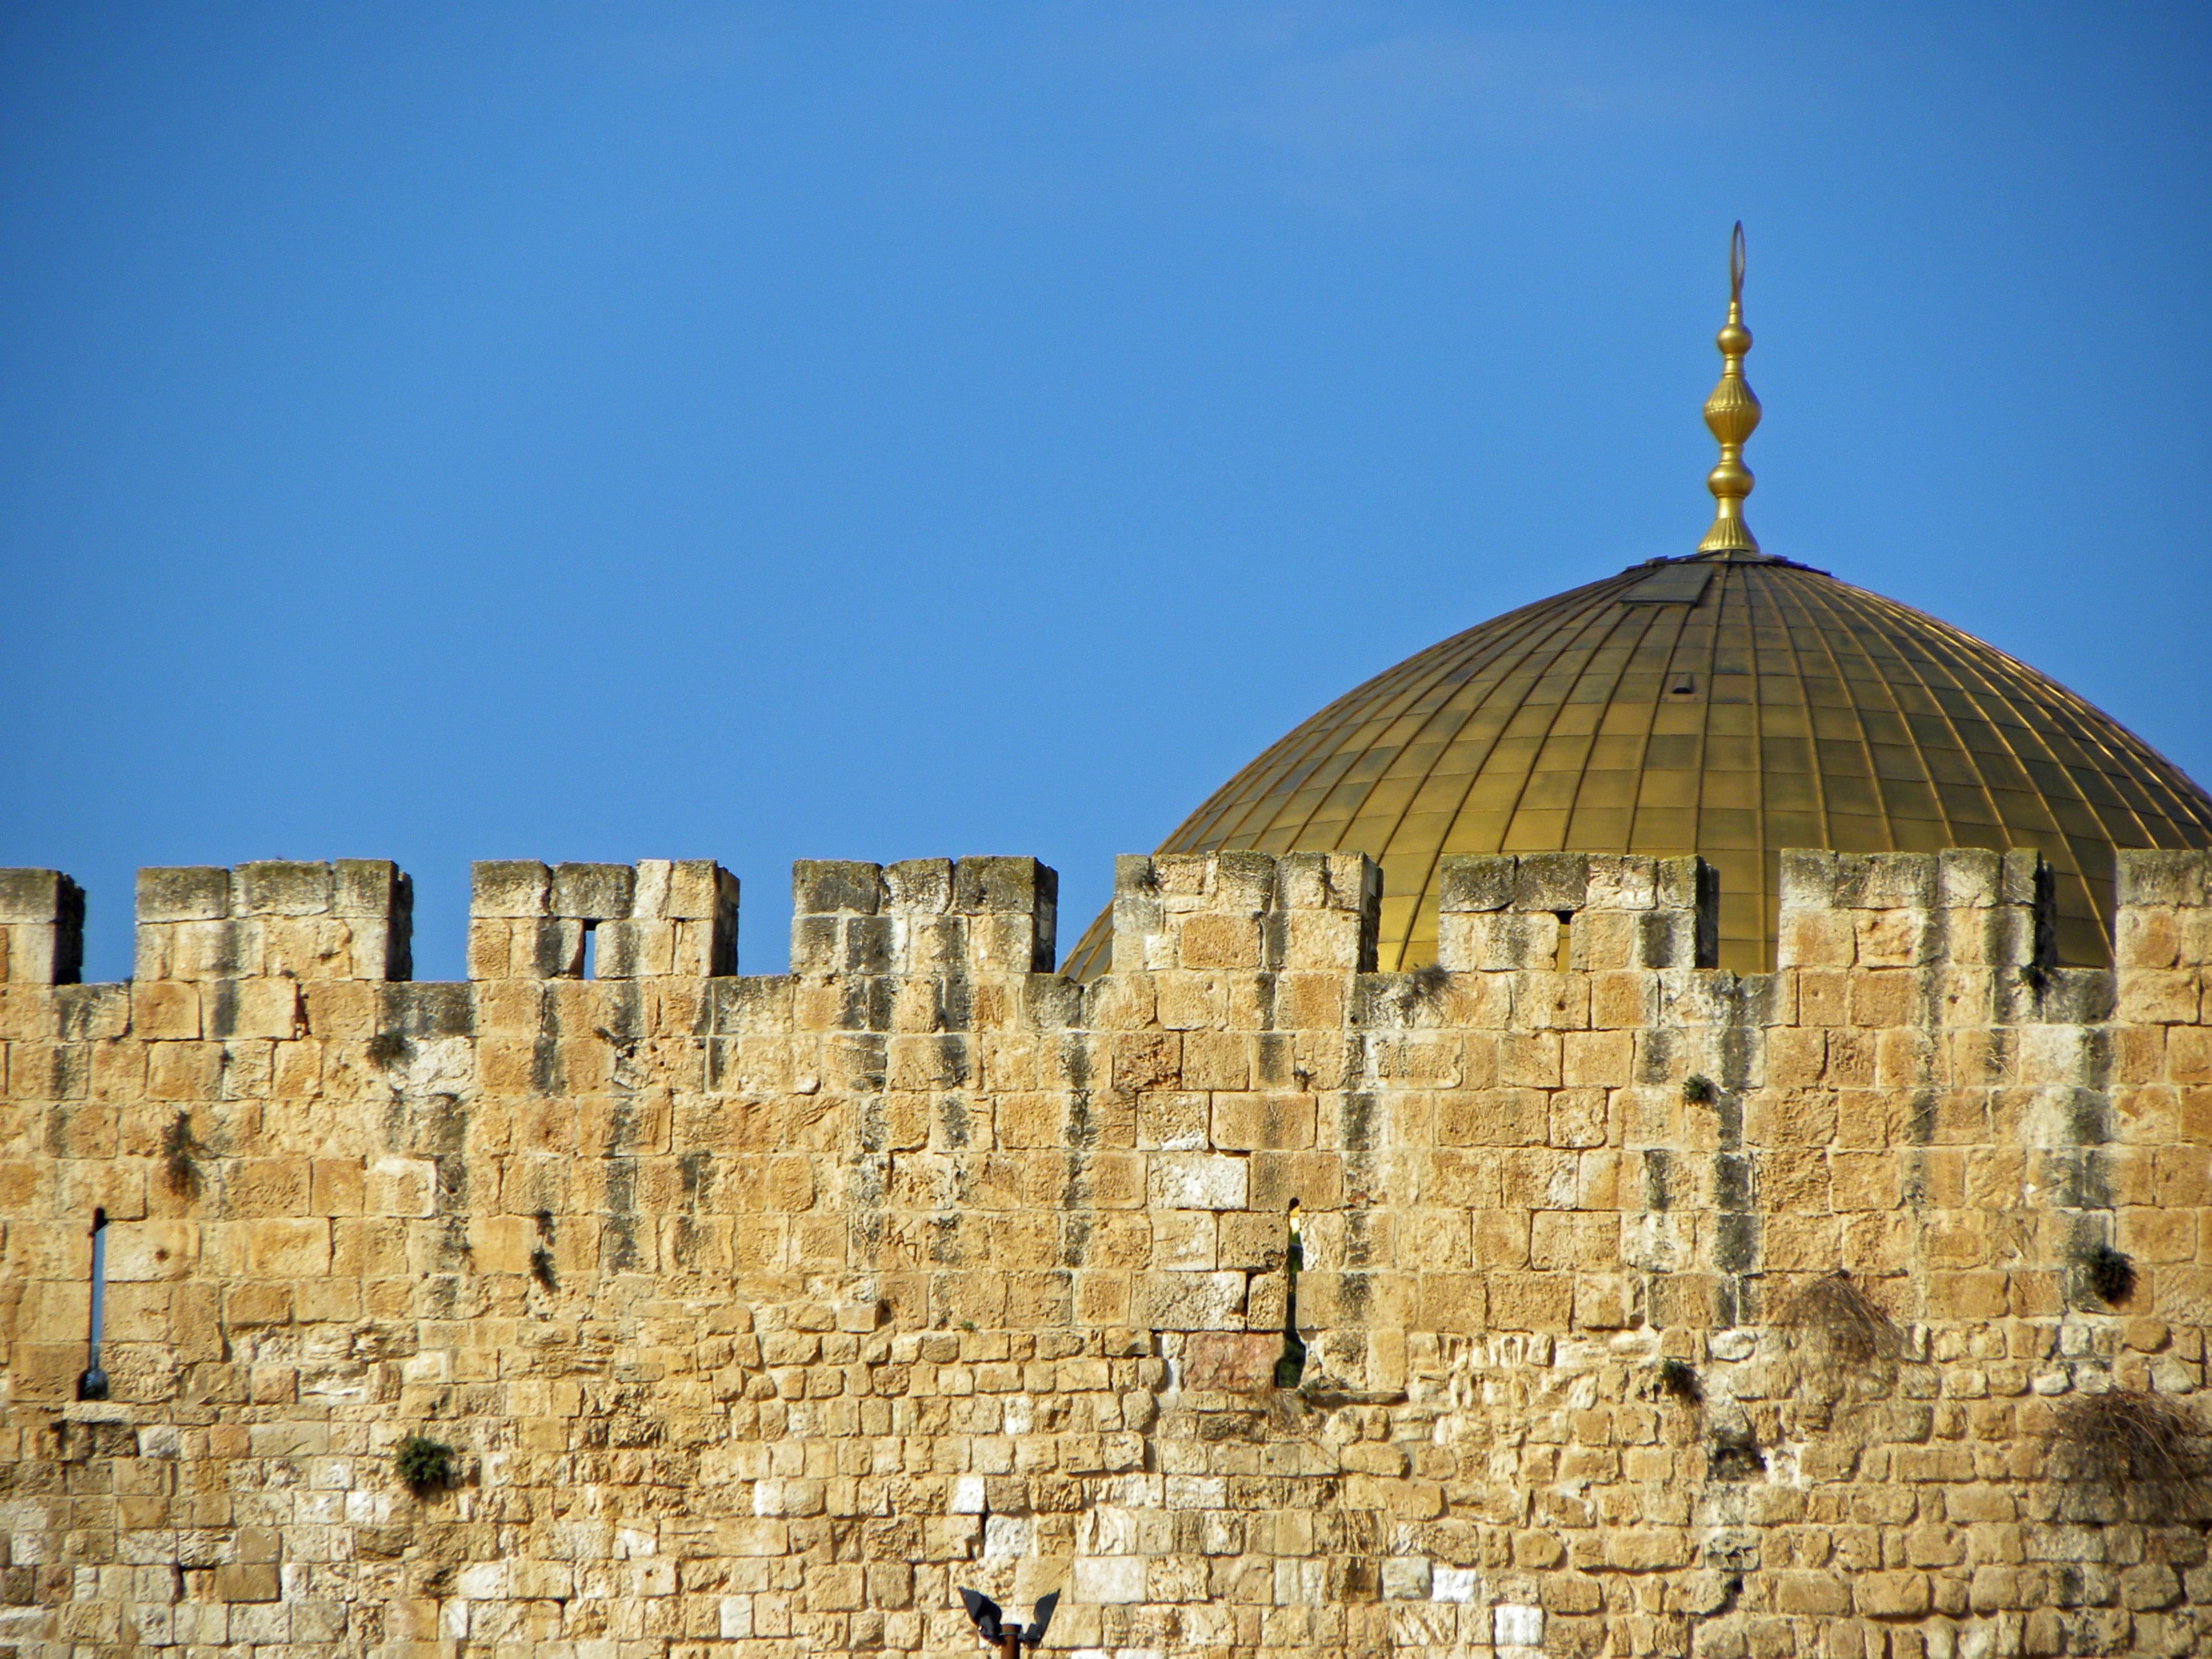 Parete Doro : Immagini belle architettura costruzione vecchio città parete